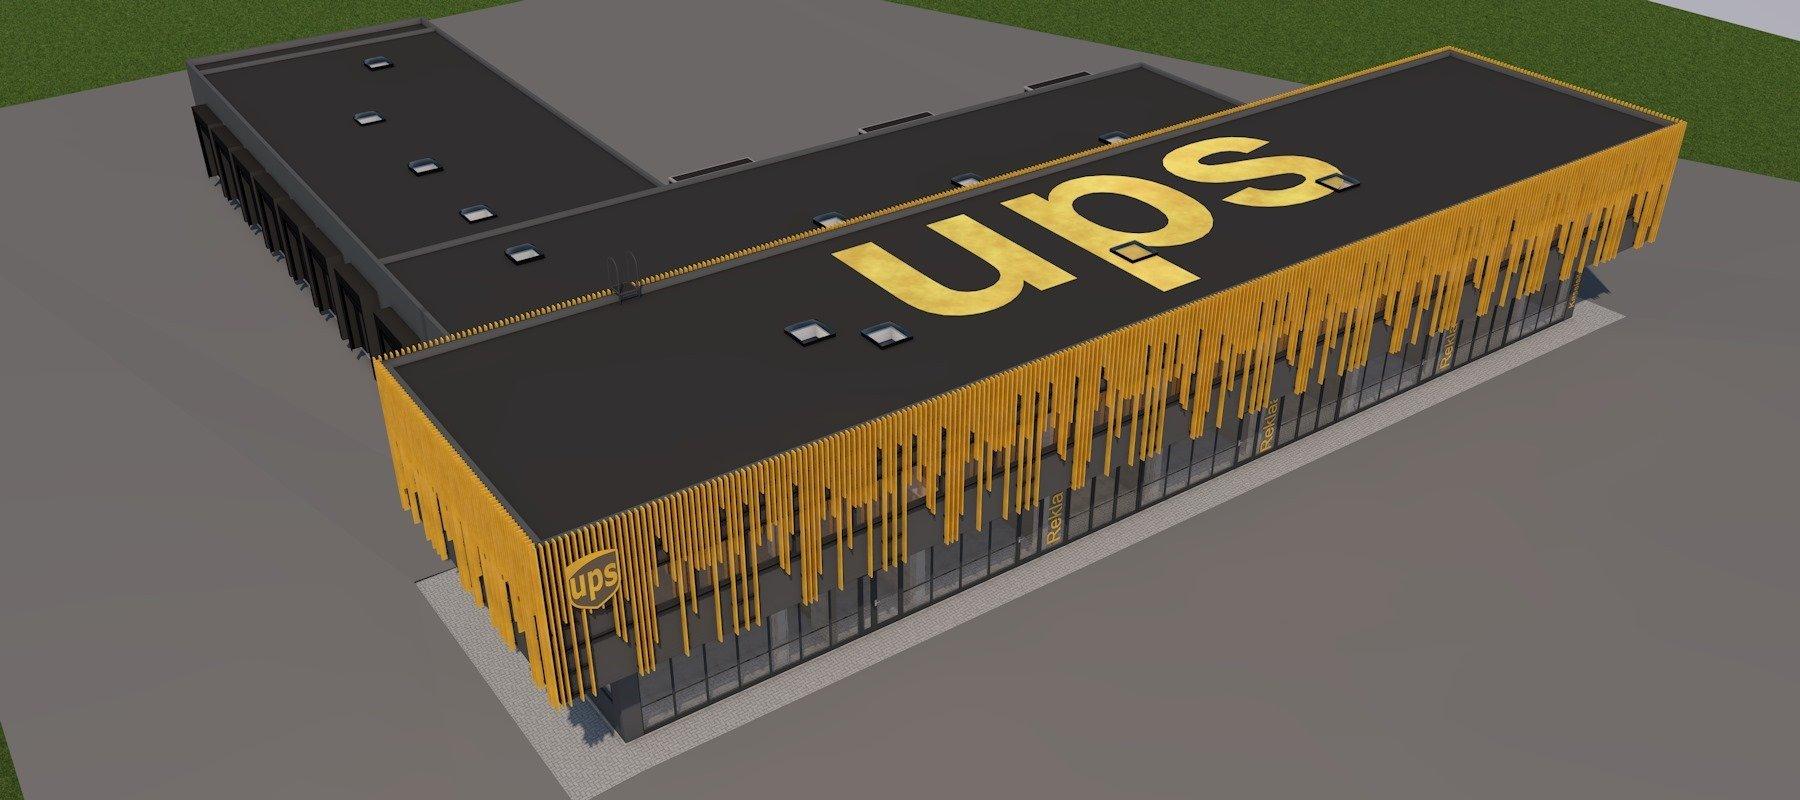 UPS Büroo- ja logistikakeskus